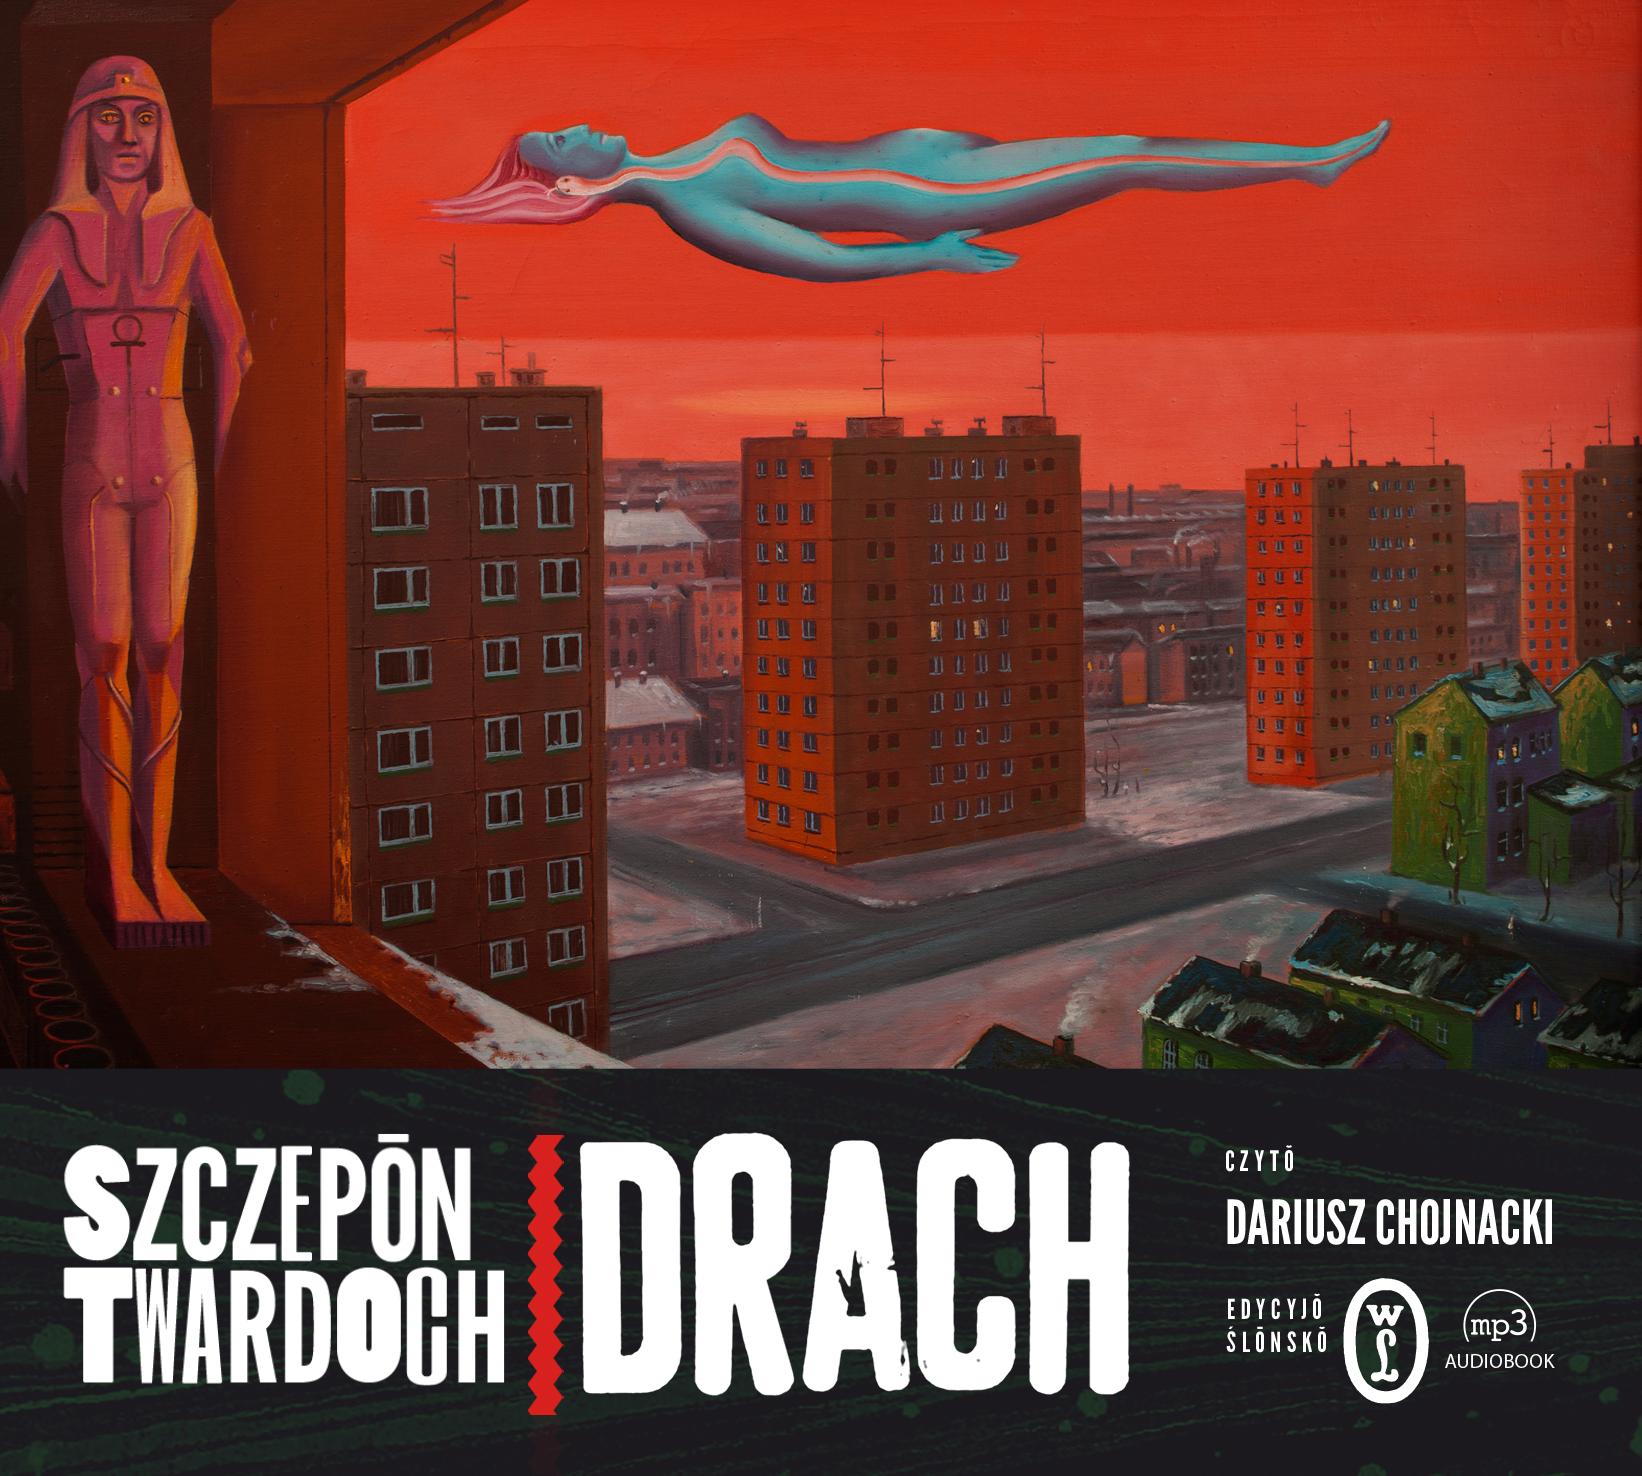 TWARDOCH SZCZEPAN – DRACH (edycja śląska)